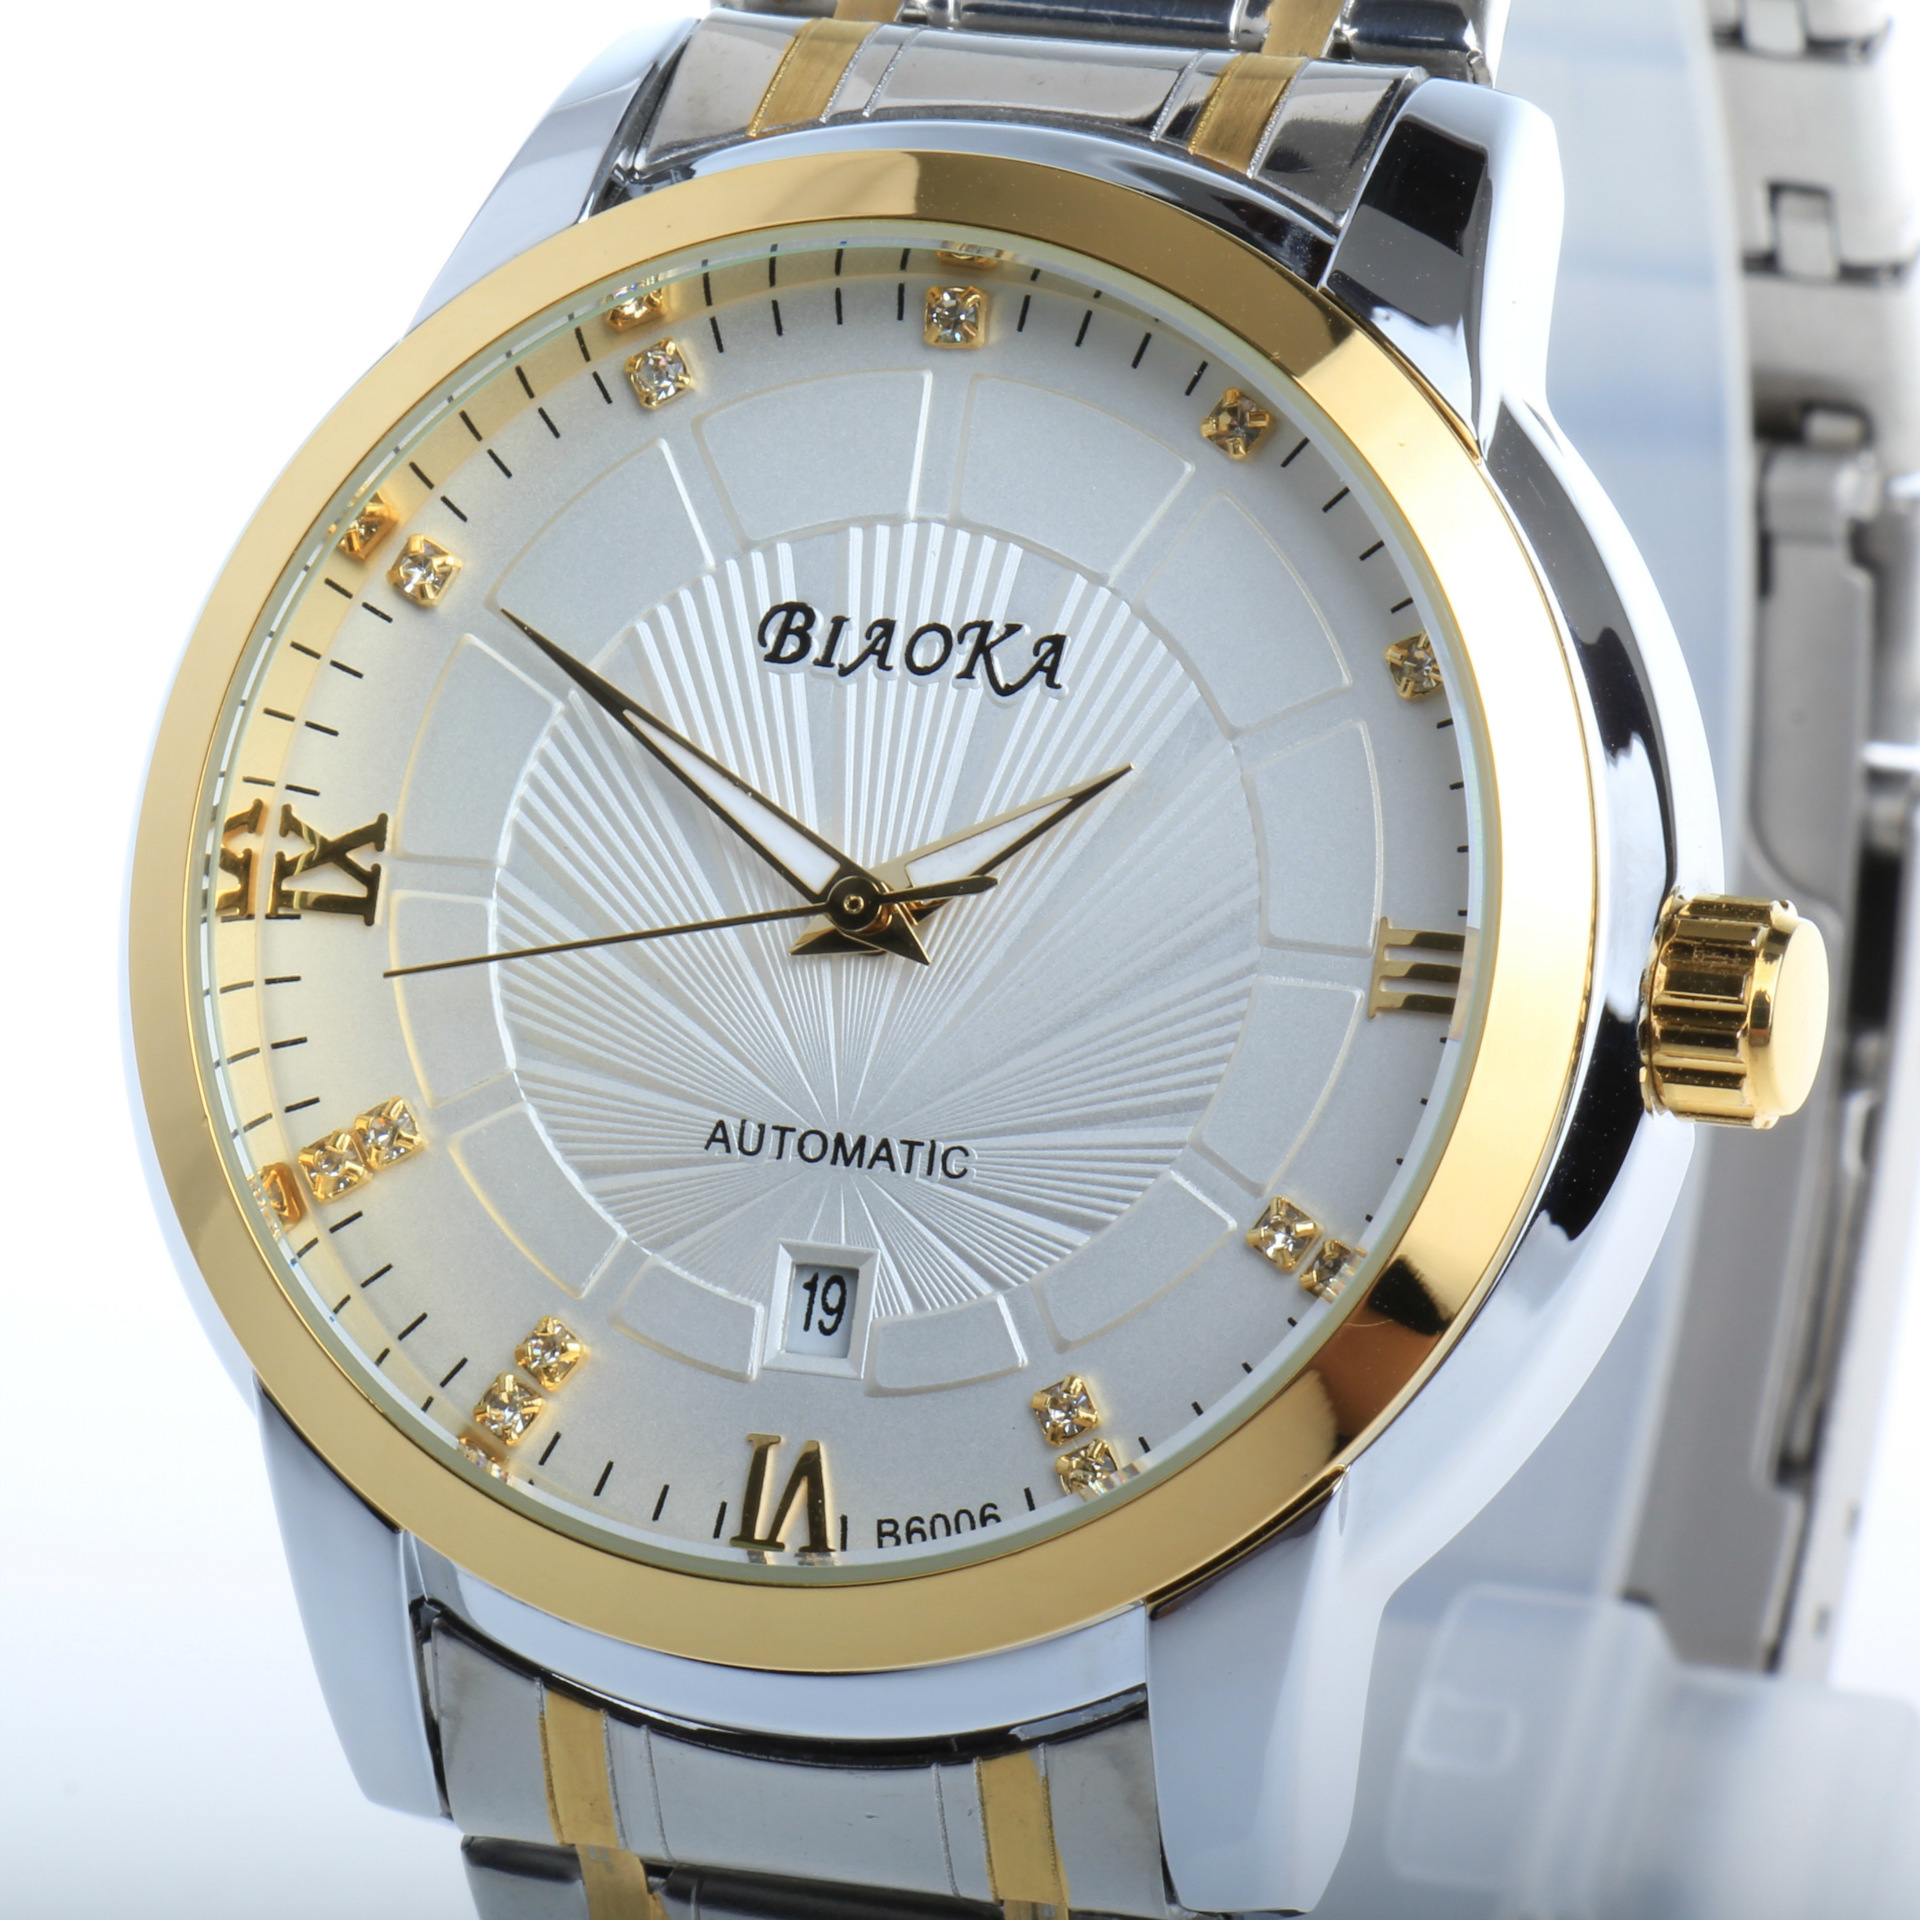 BIAOKA vízálló márka divat arany óra elegáns acél naptár - Férfi órák